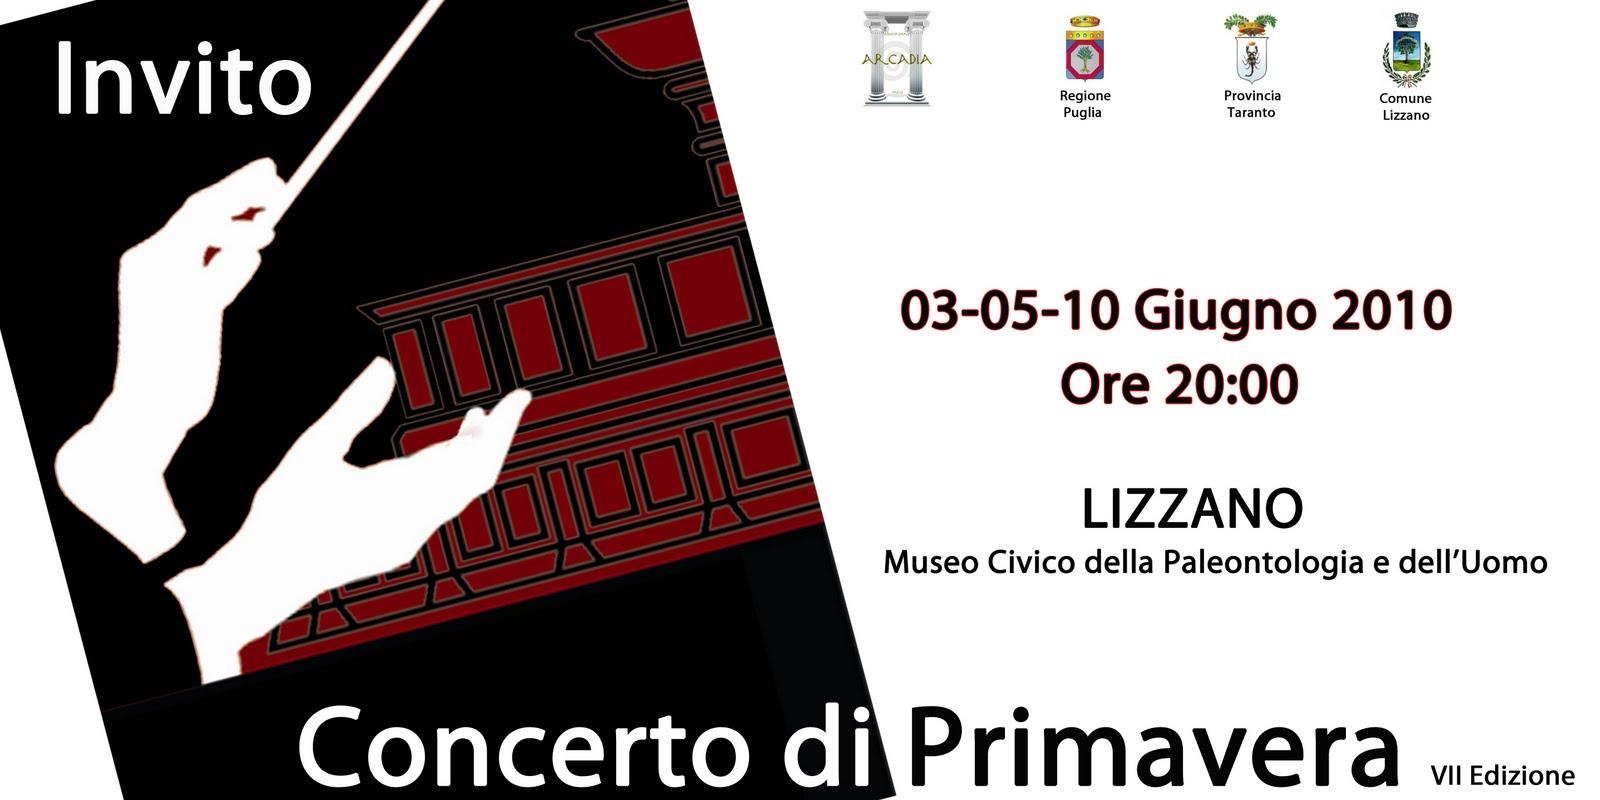 Concerto di Primavera 2010. Lizzano